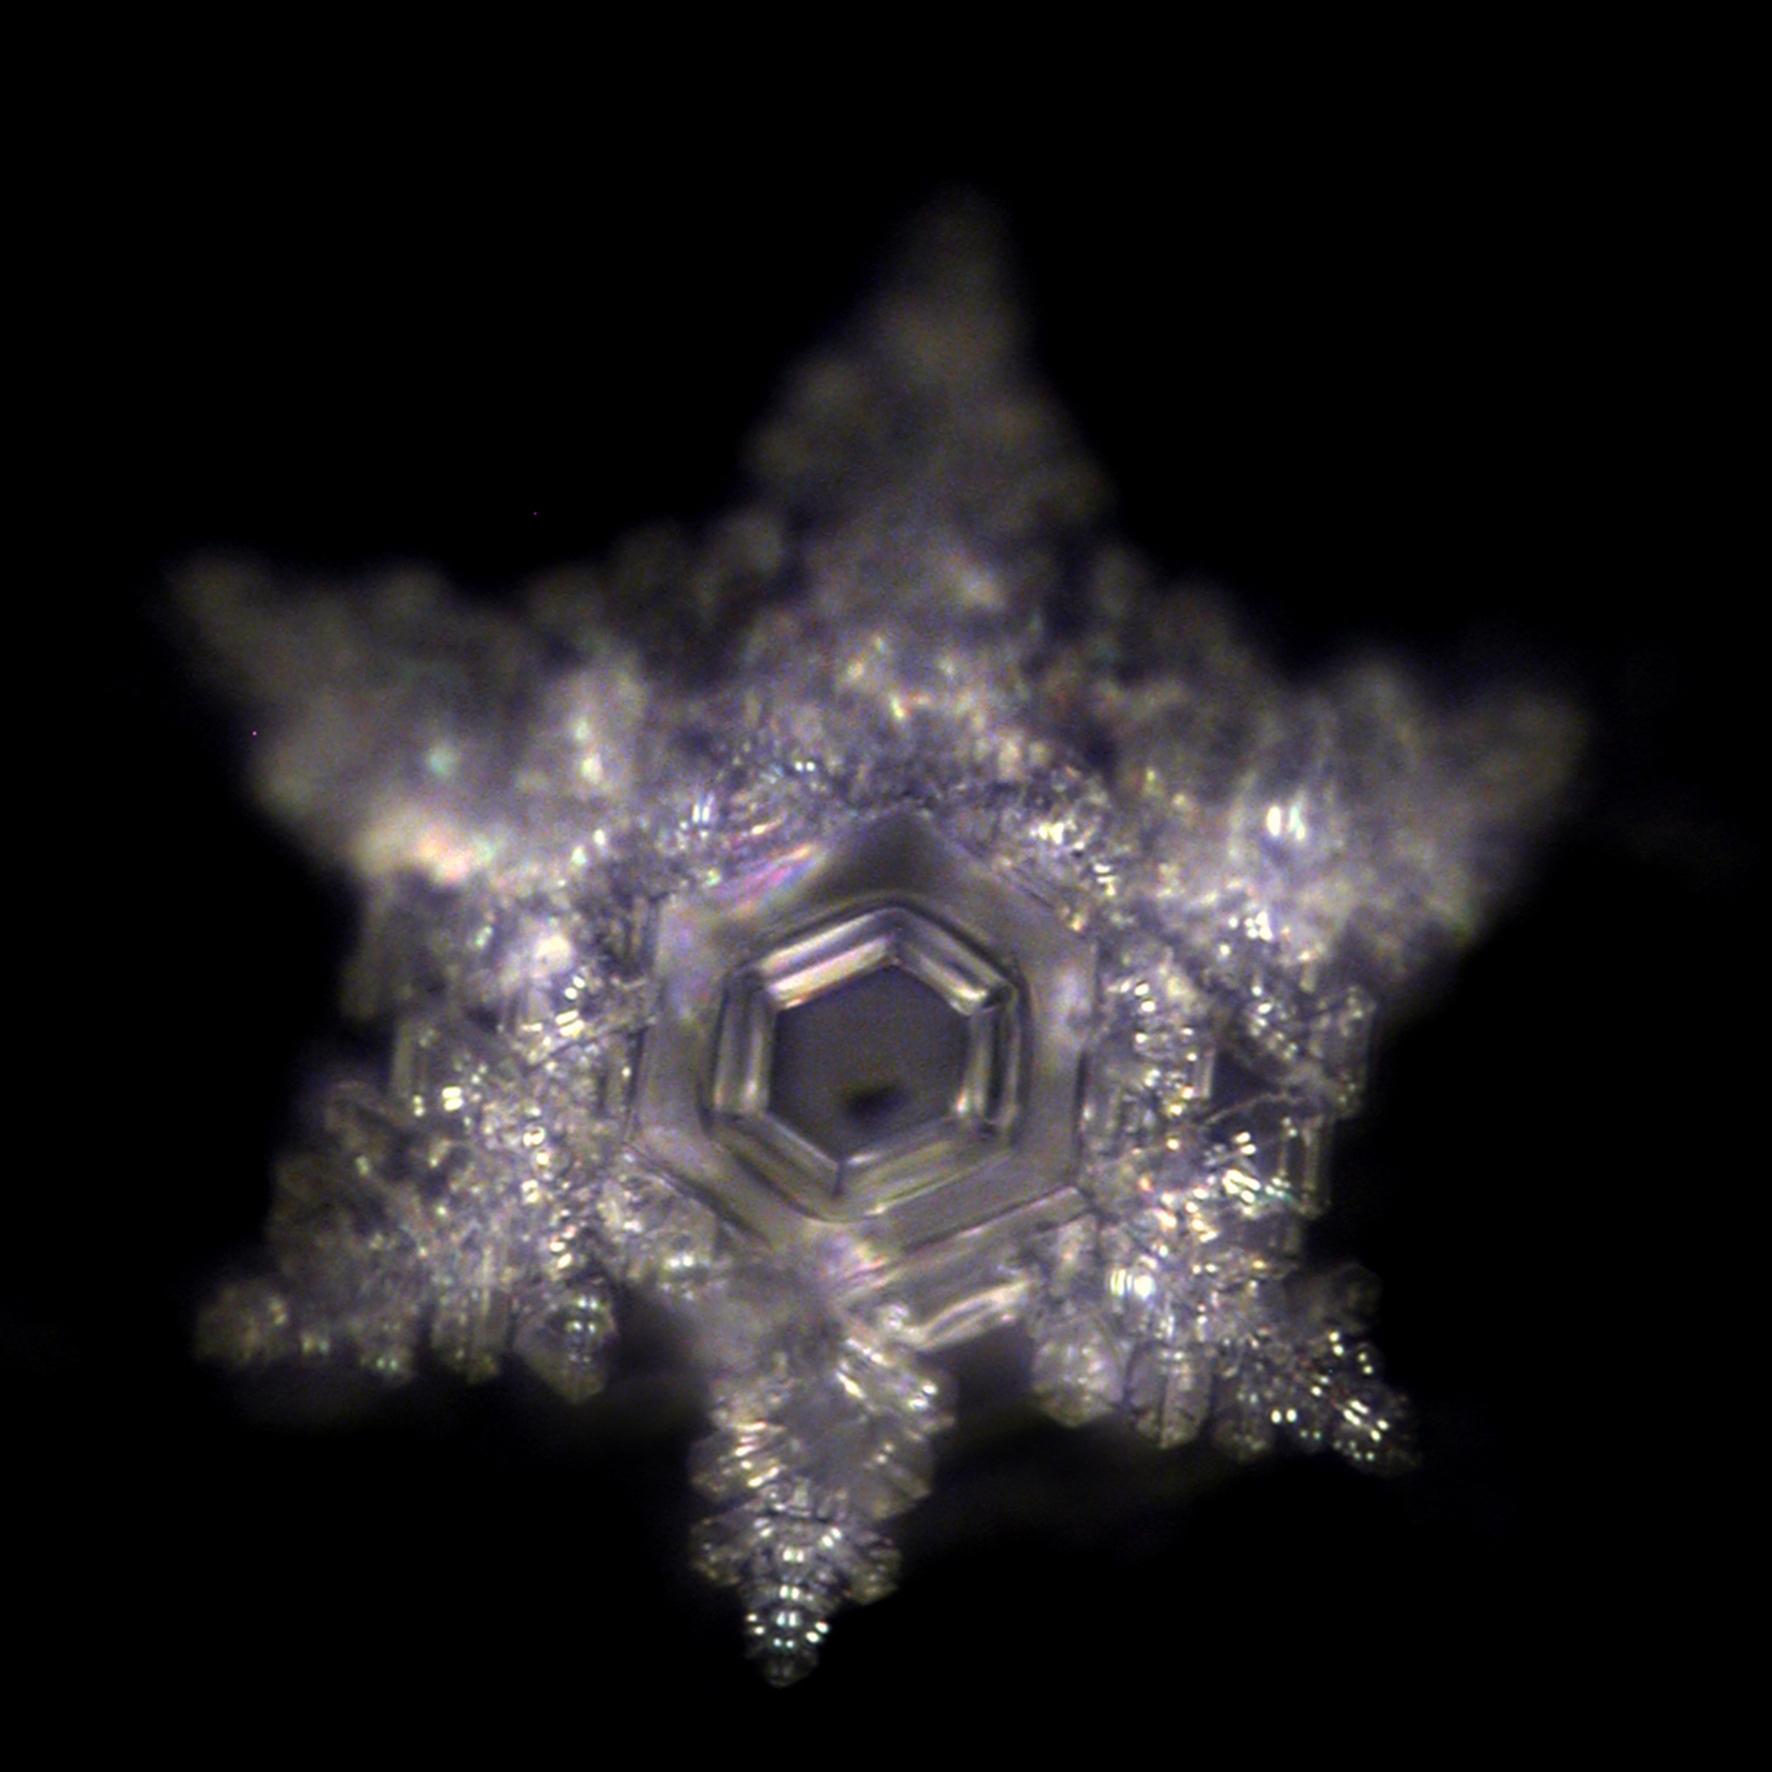 B_Wasserkristall_genesis-pro-life